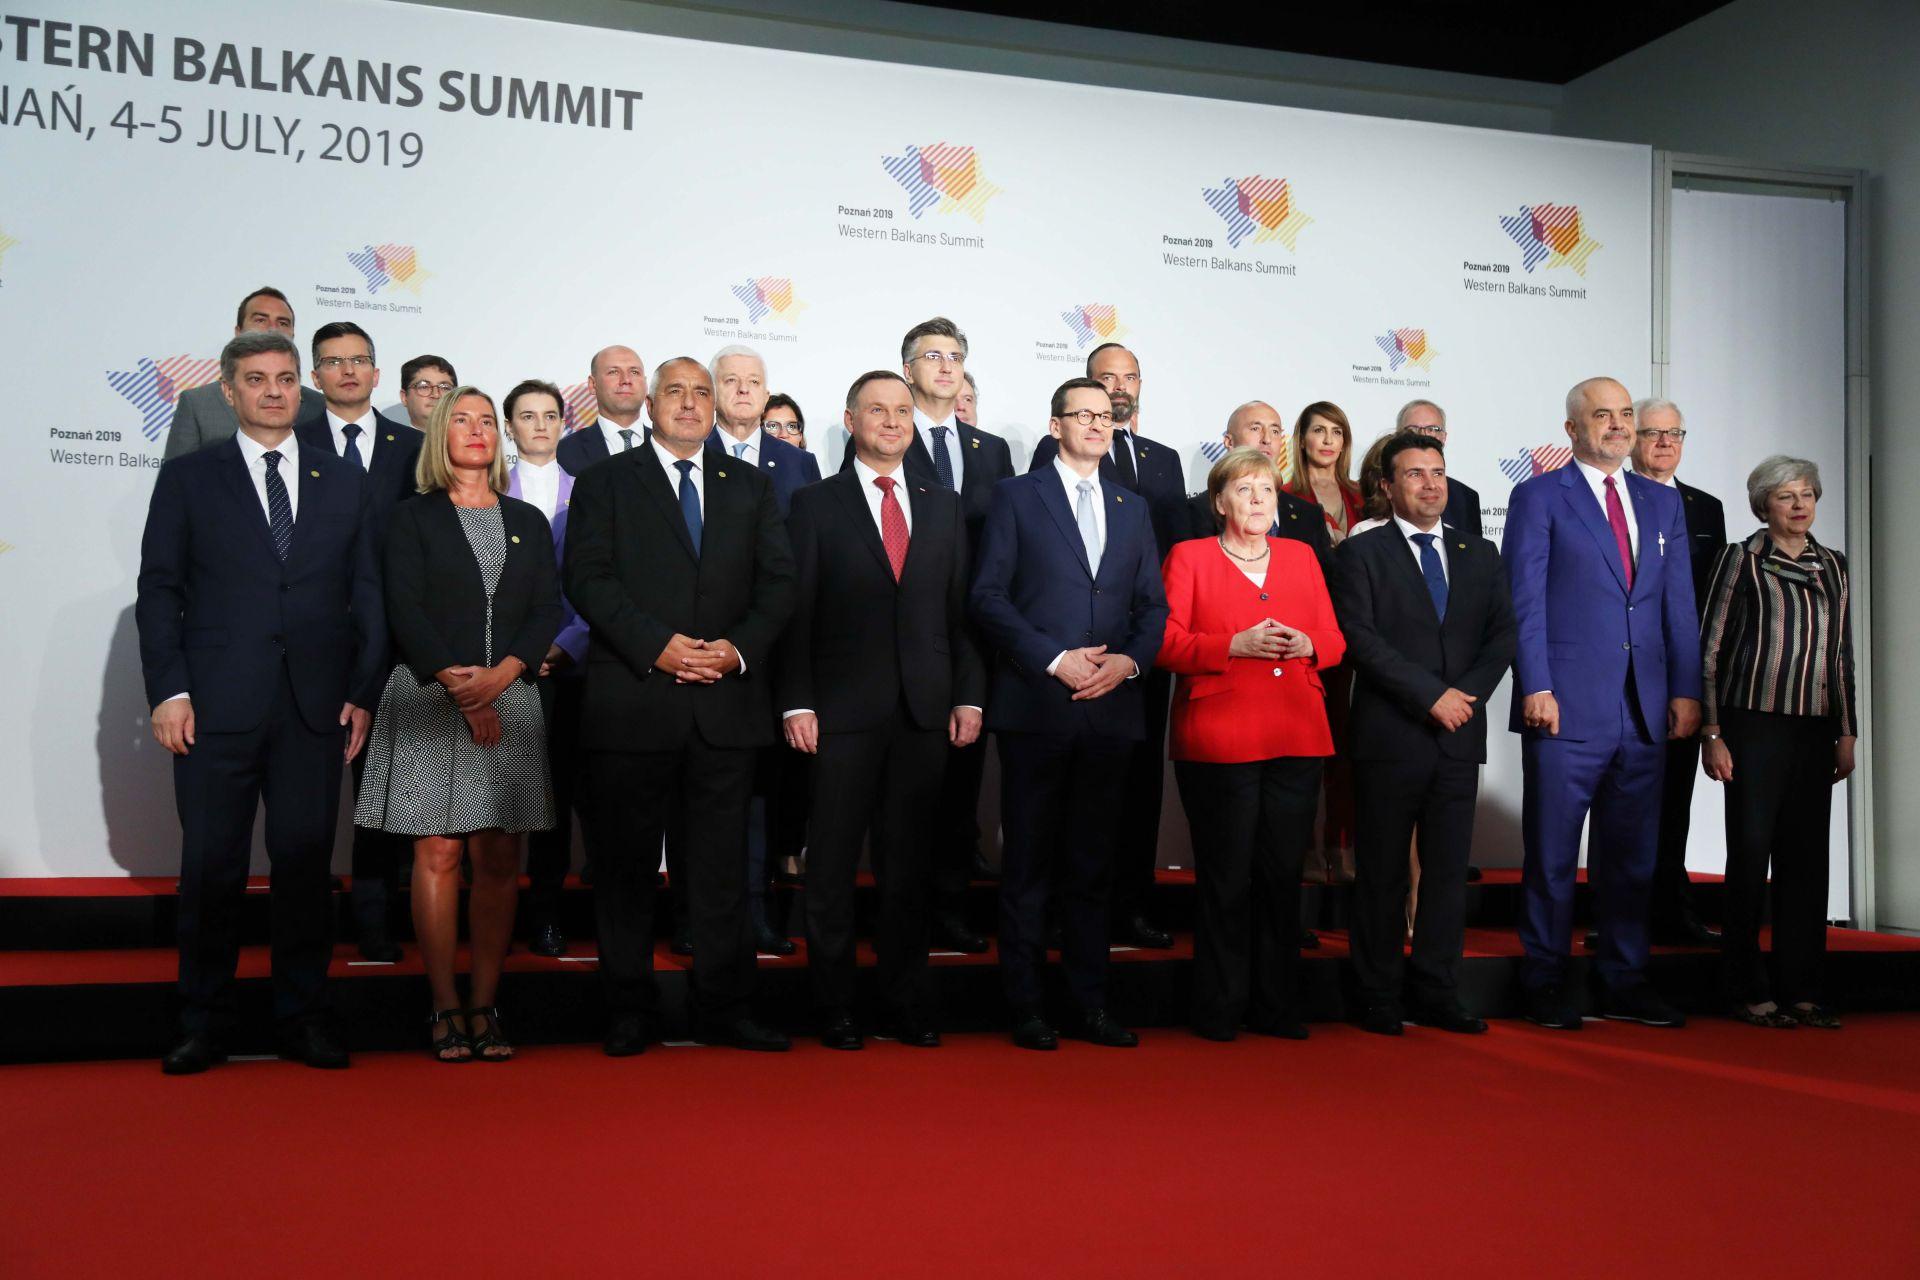 Българският премиер с останалите лидери, които участват в срещата